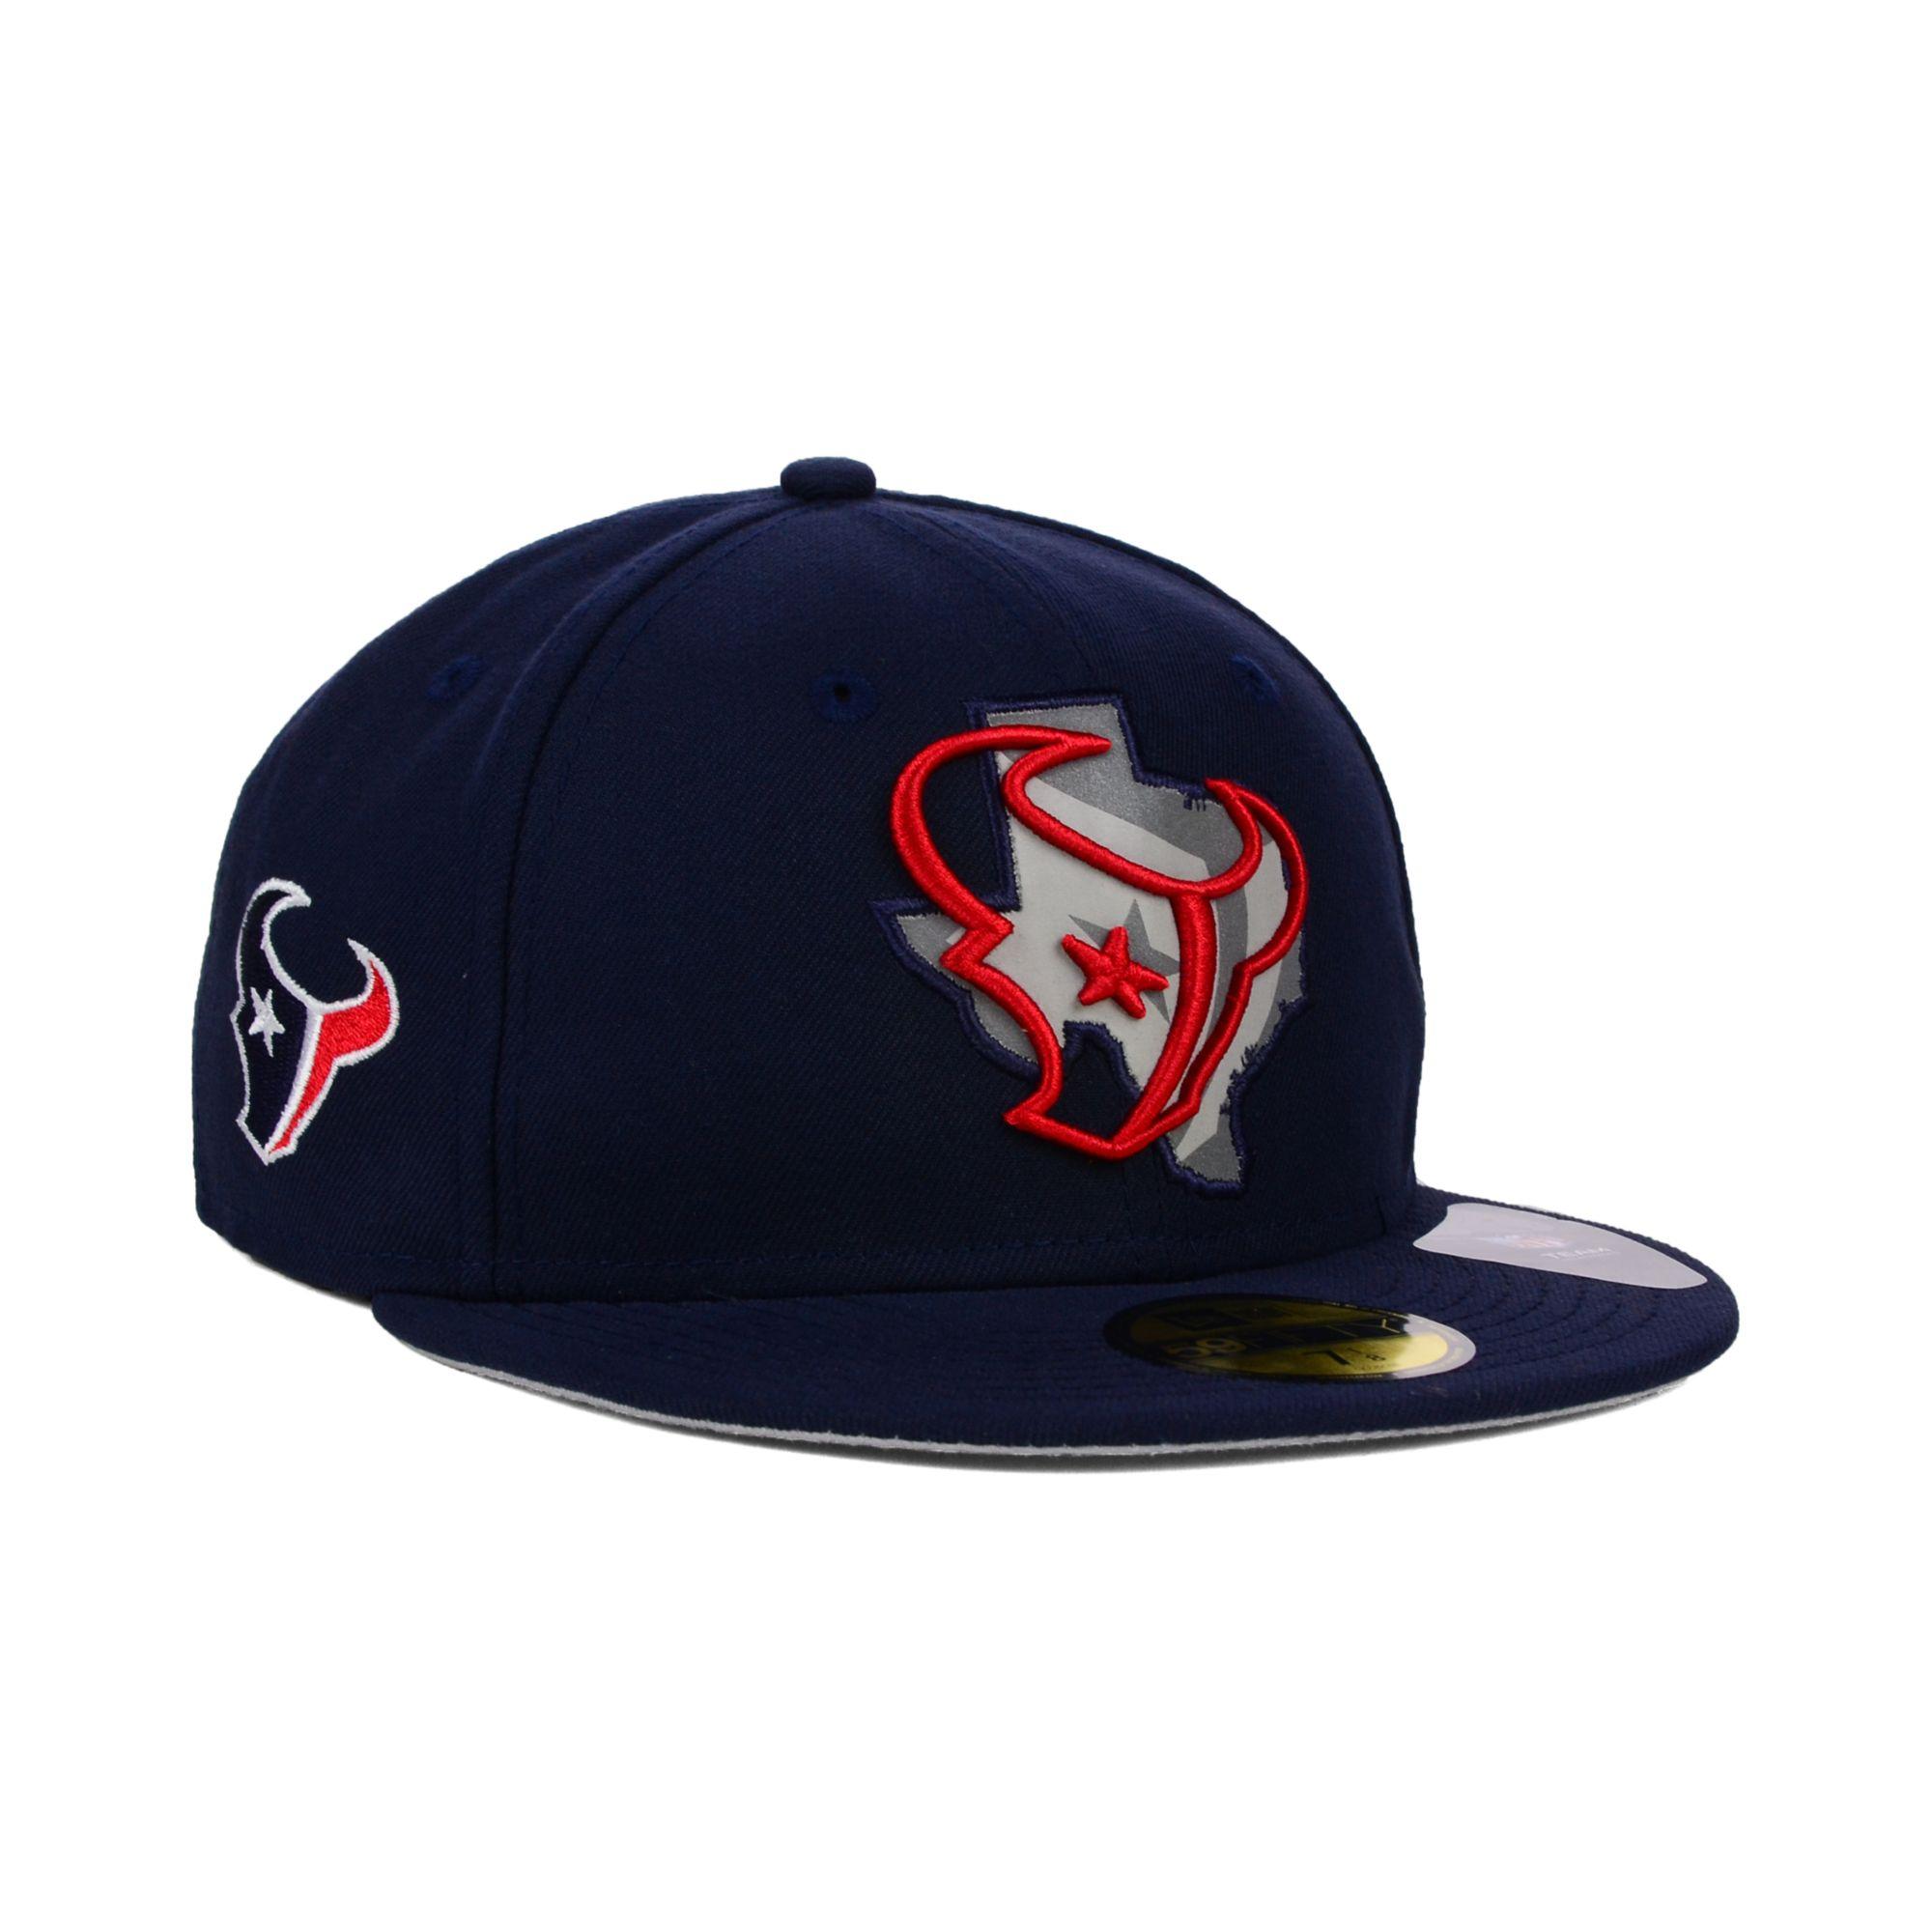 wholesale dealer a0789 0d24d ... get lyst ktz houston texans state flective 59fifty cap in blue for men  01348 c080c